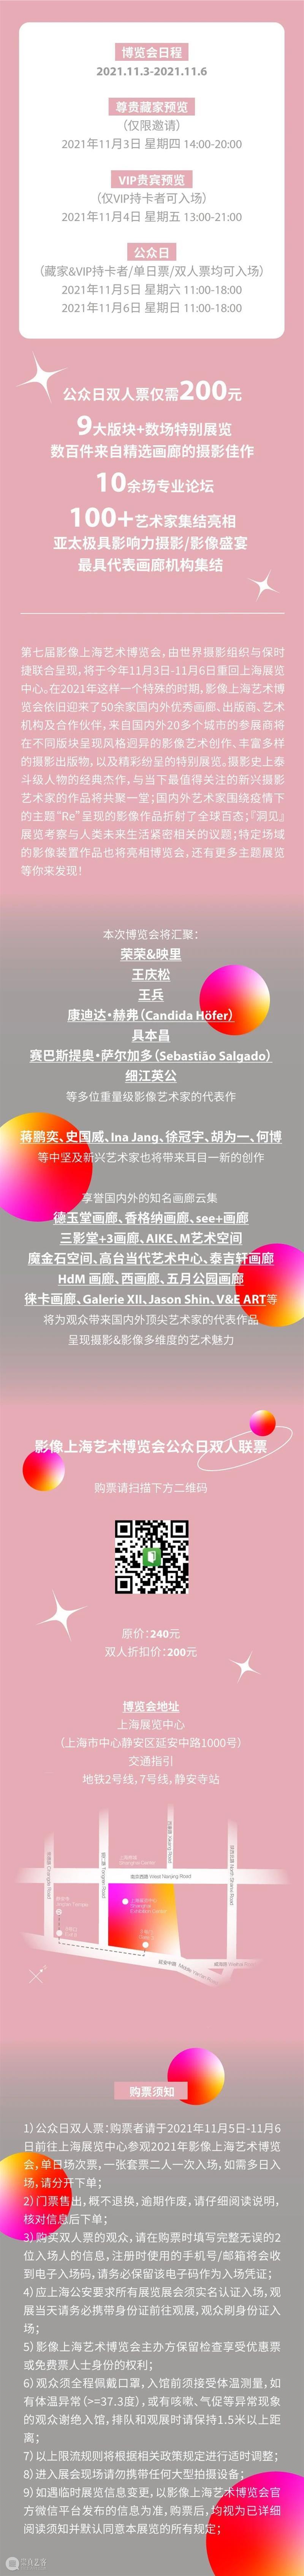 2021影像上海艺术博览会双人票持续发售中 影像 上海艺术博览会 原文 上海艺术博览会双人票 崇真艺客